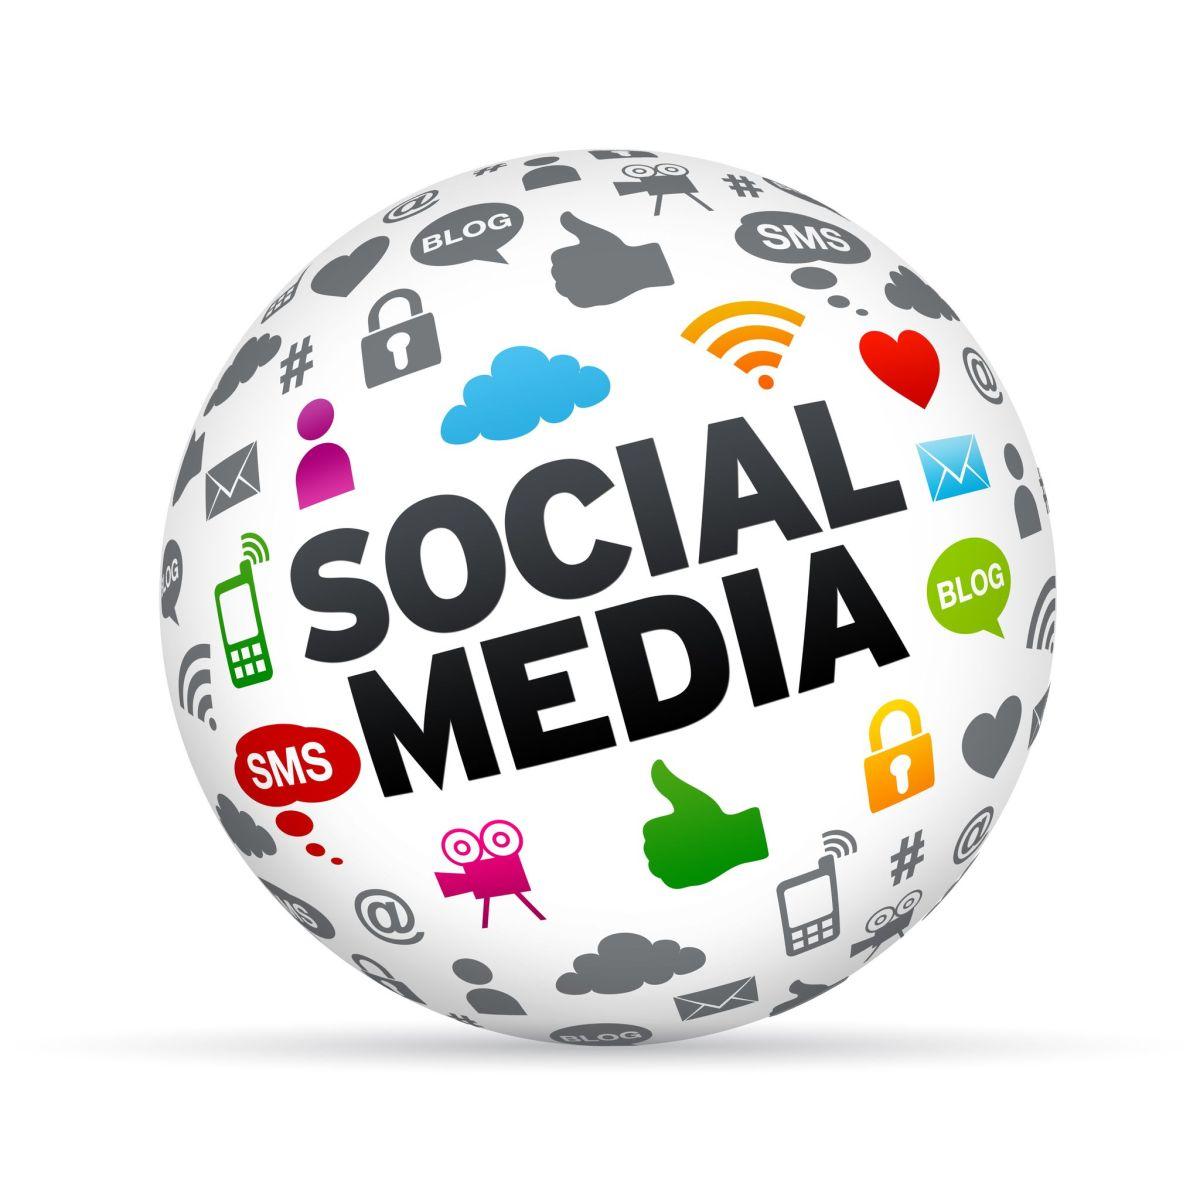 Startup e Social Media, comeandiamo?